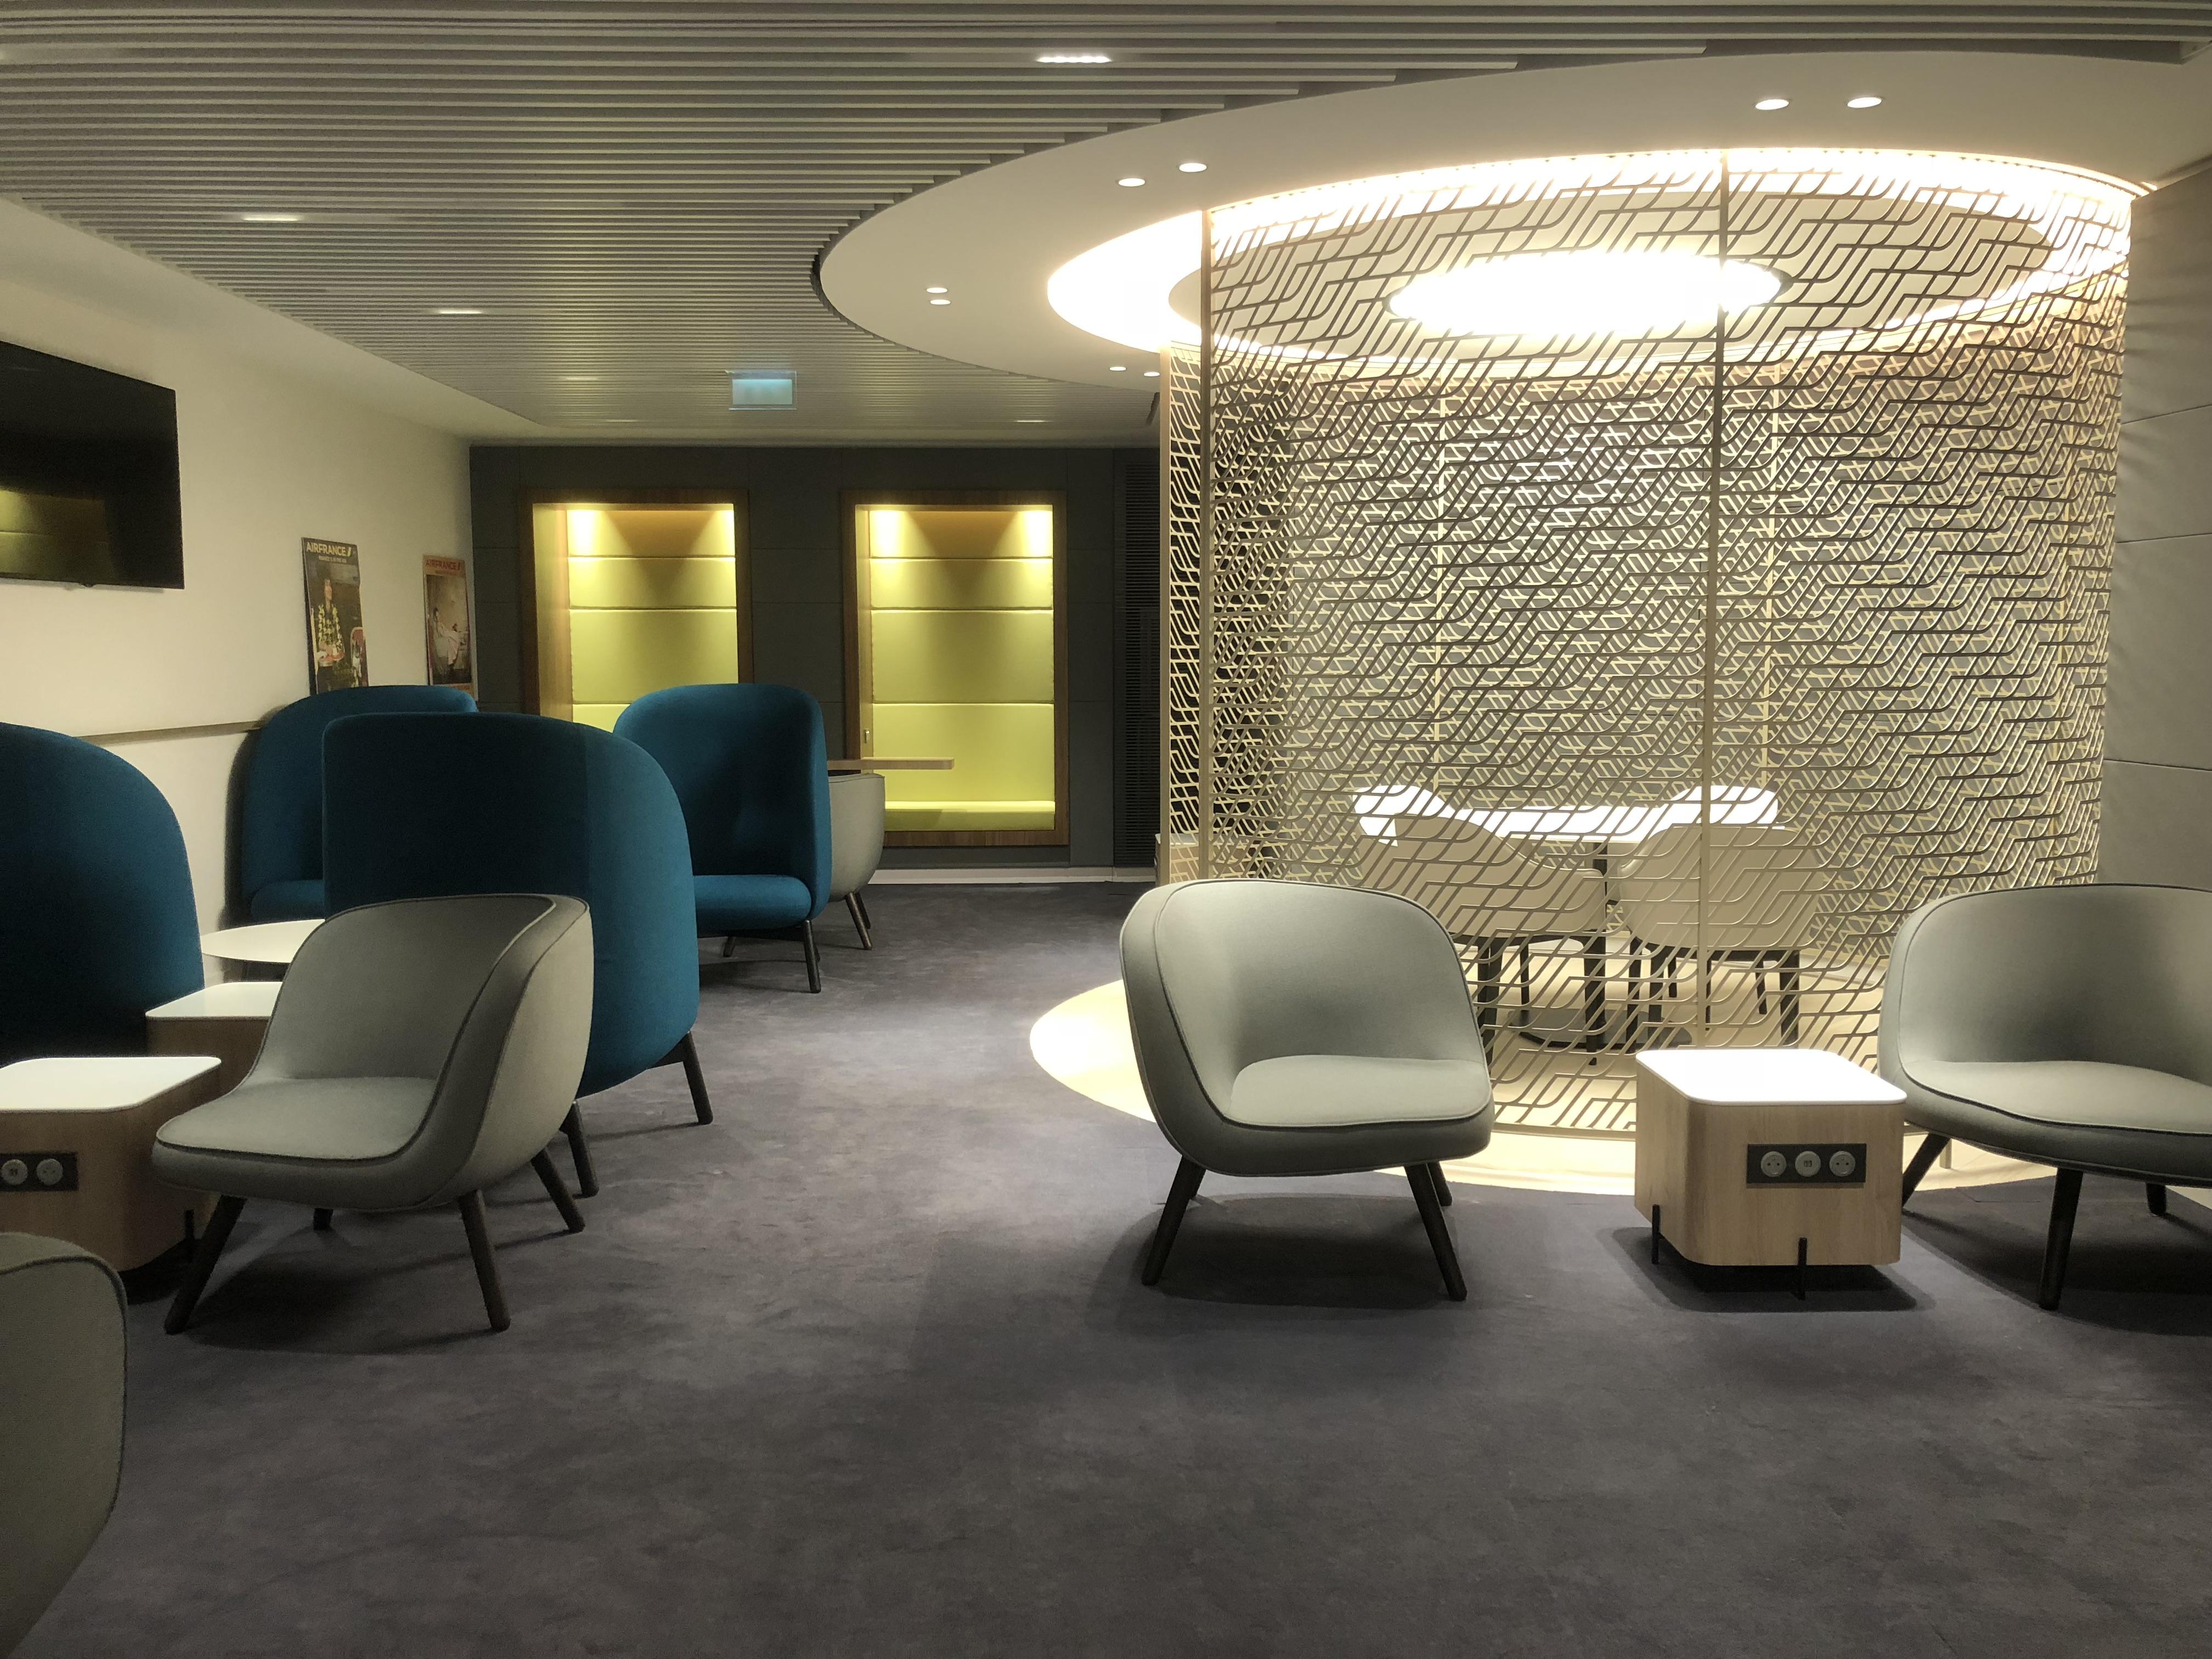 Le nouveau salon Air France  en 7 ralits aprs ouverture   The Travelers Club